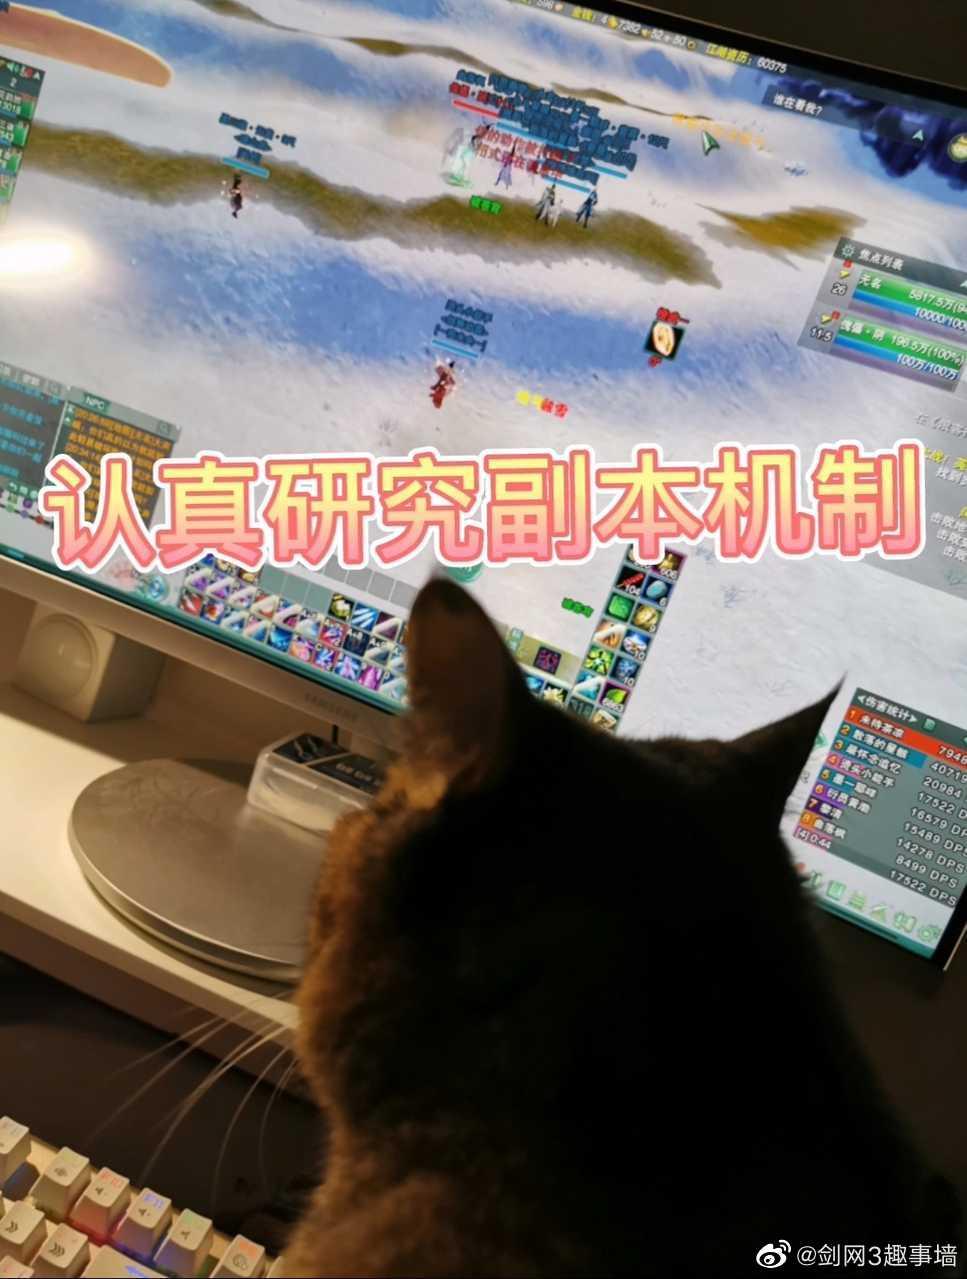 墙哥,忍不住投稿我家的猫,昨天打本它妄图对着麦克风进行指挥